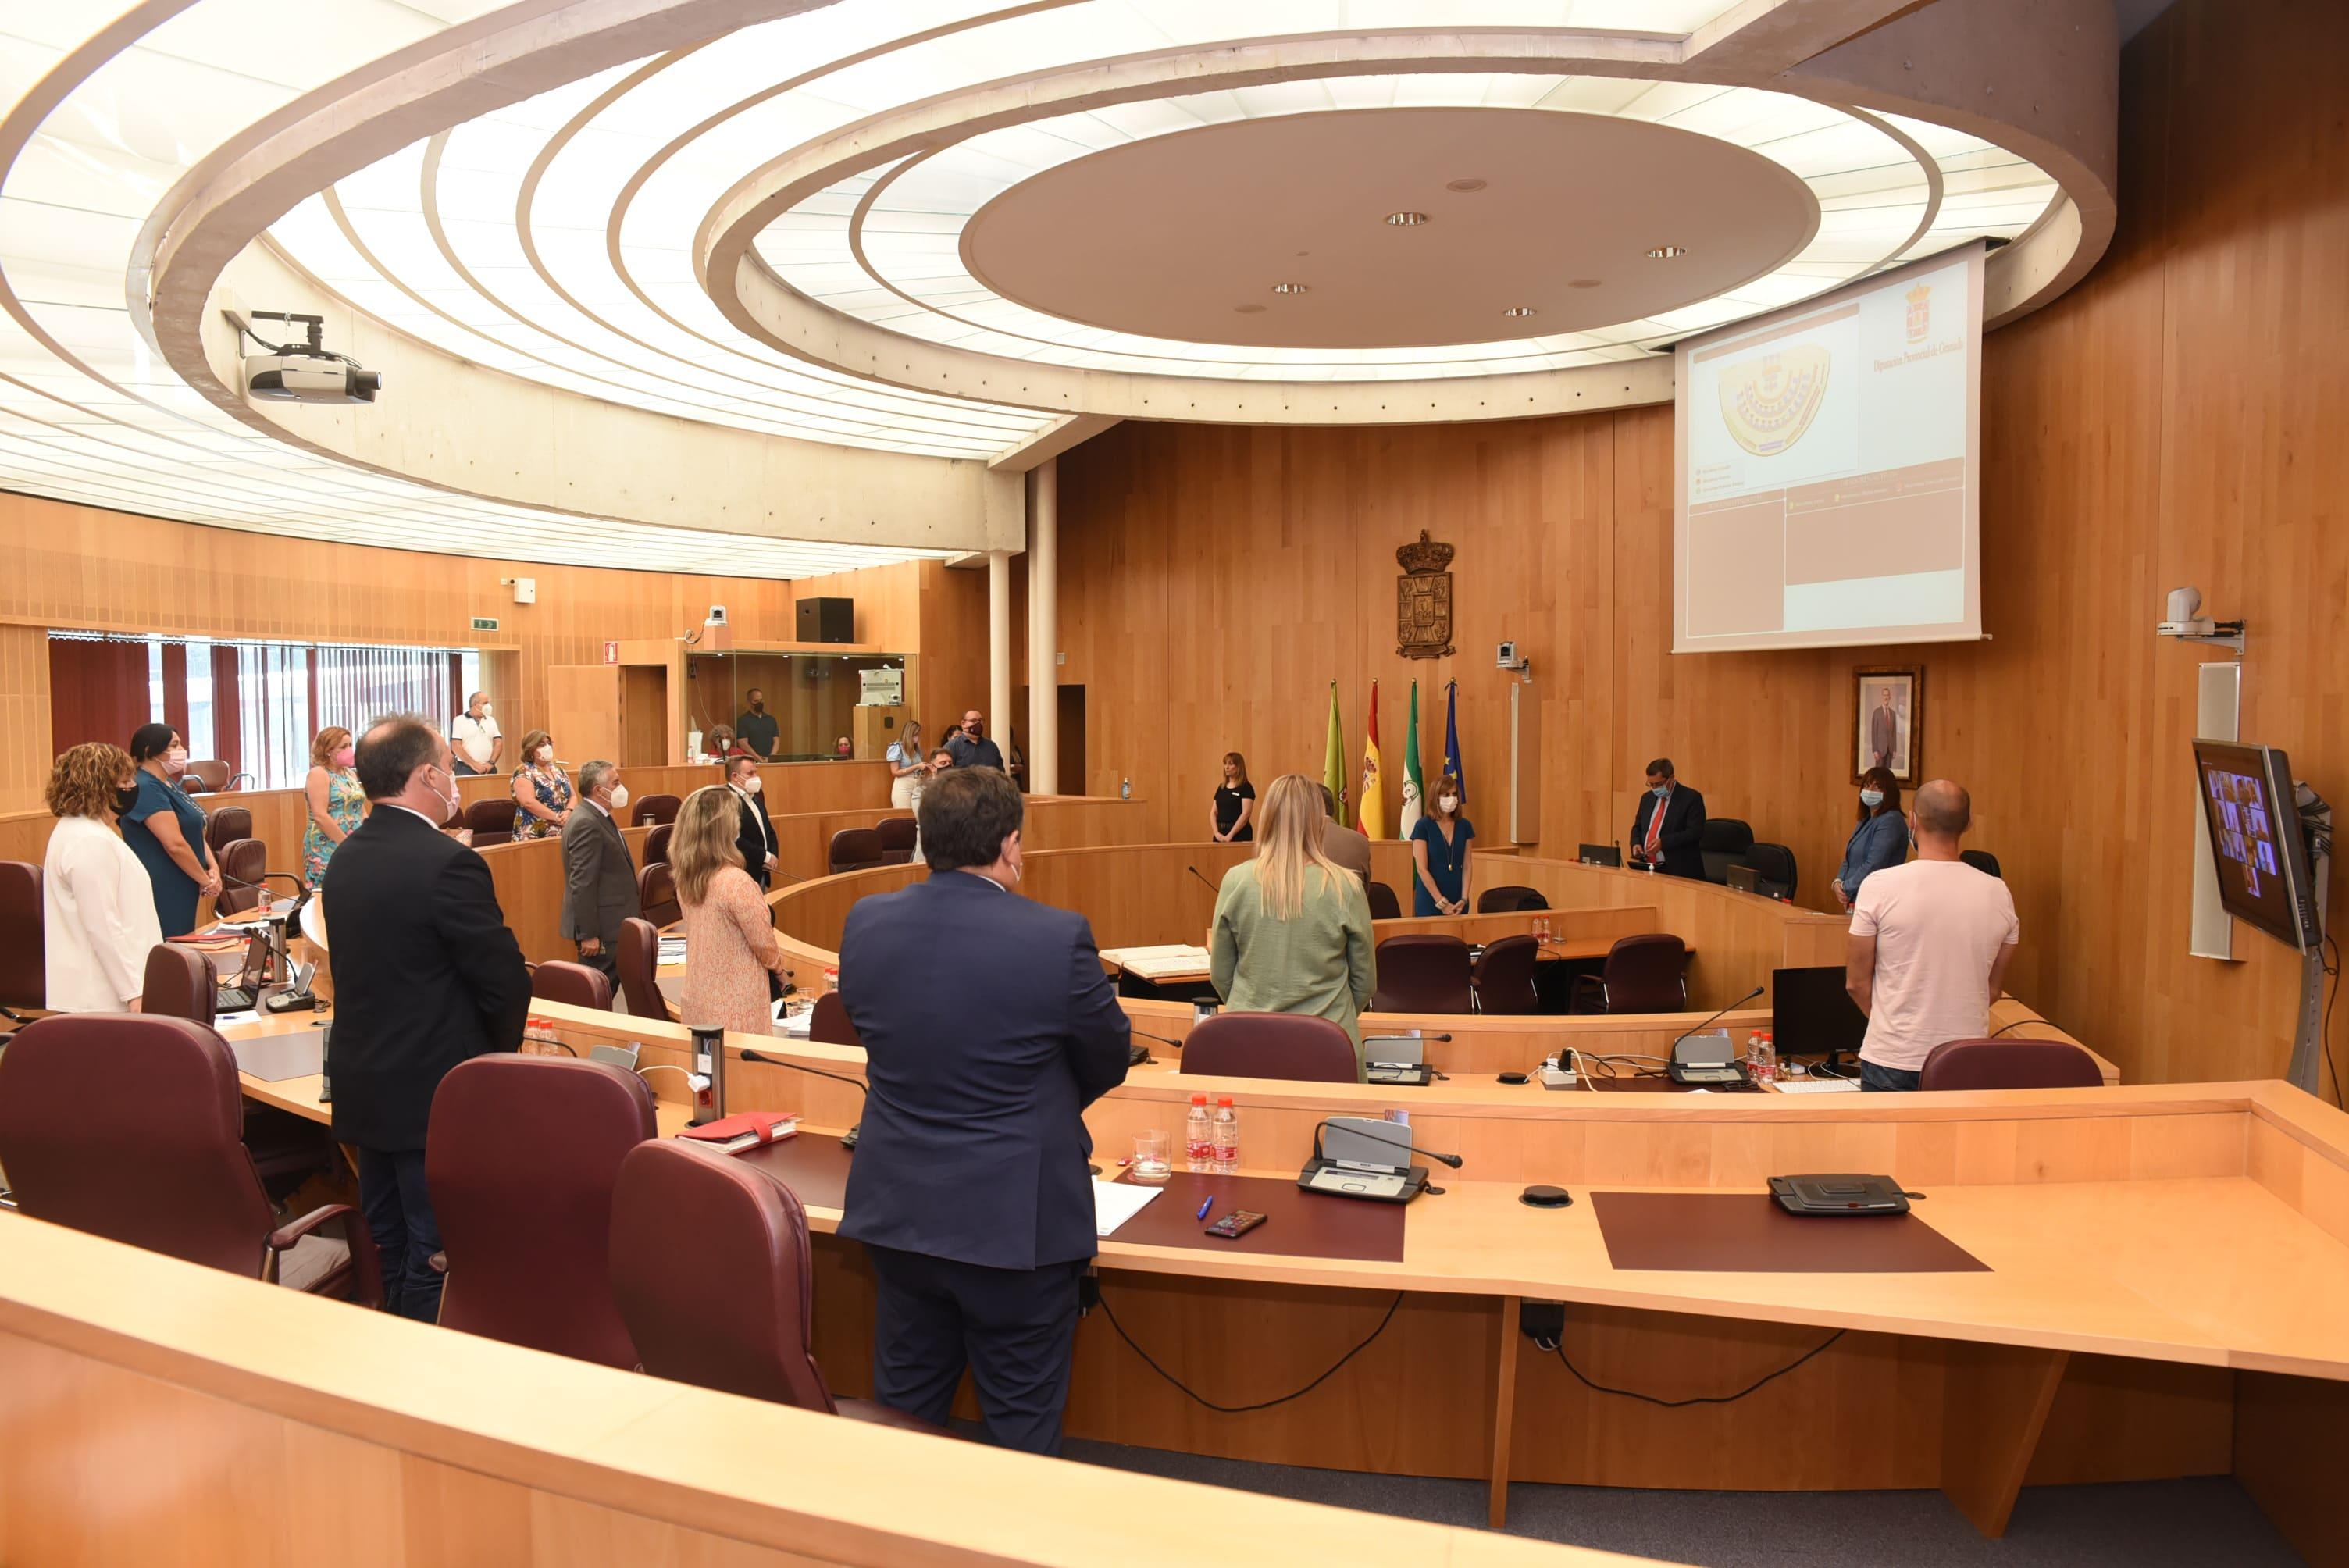 Diputación solicitará una prórroga para implantar la recogida separada de residuos en municipios de más de 5.000 habitantes